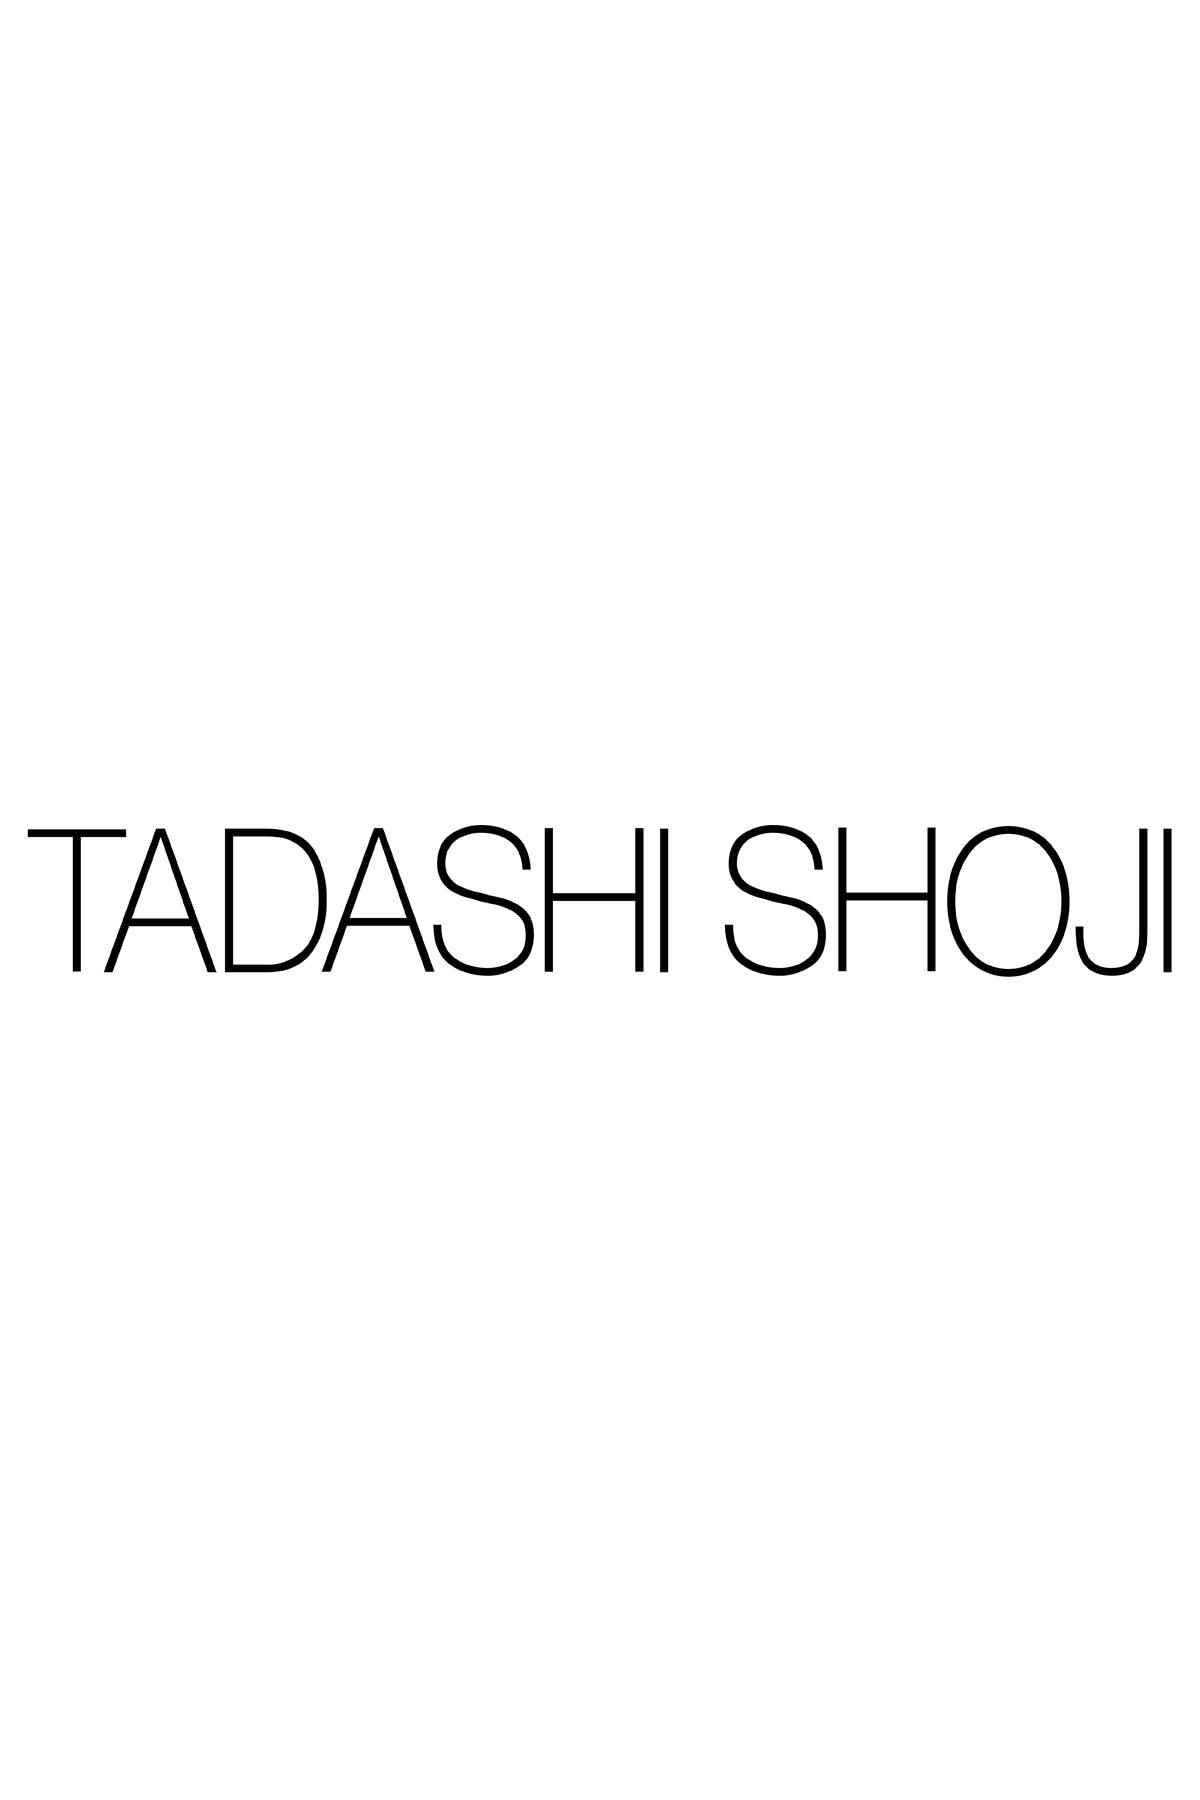 Tadashi Shoji - Libreville Gown